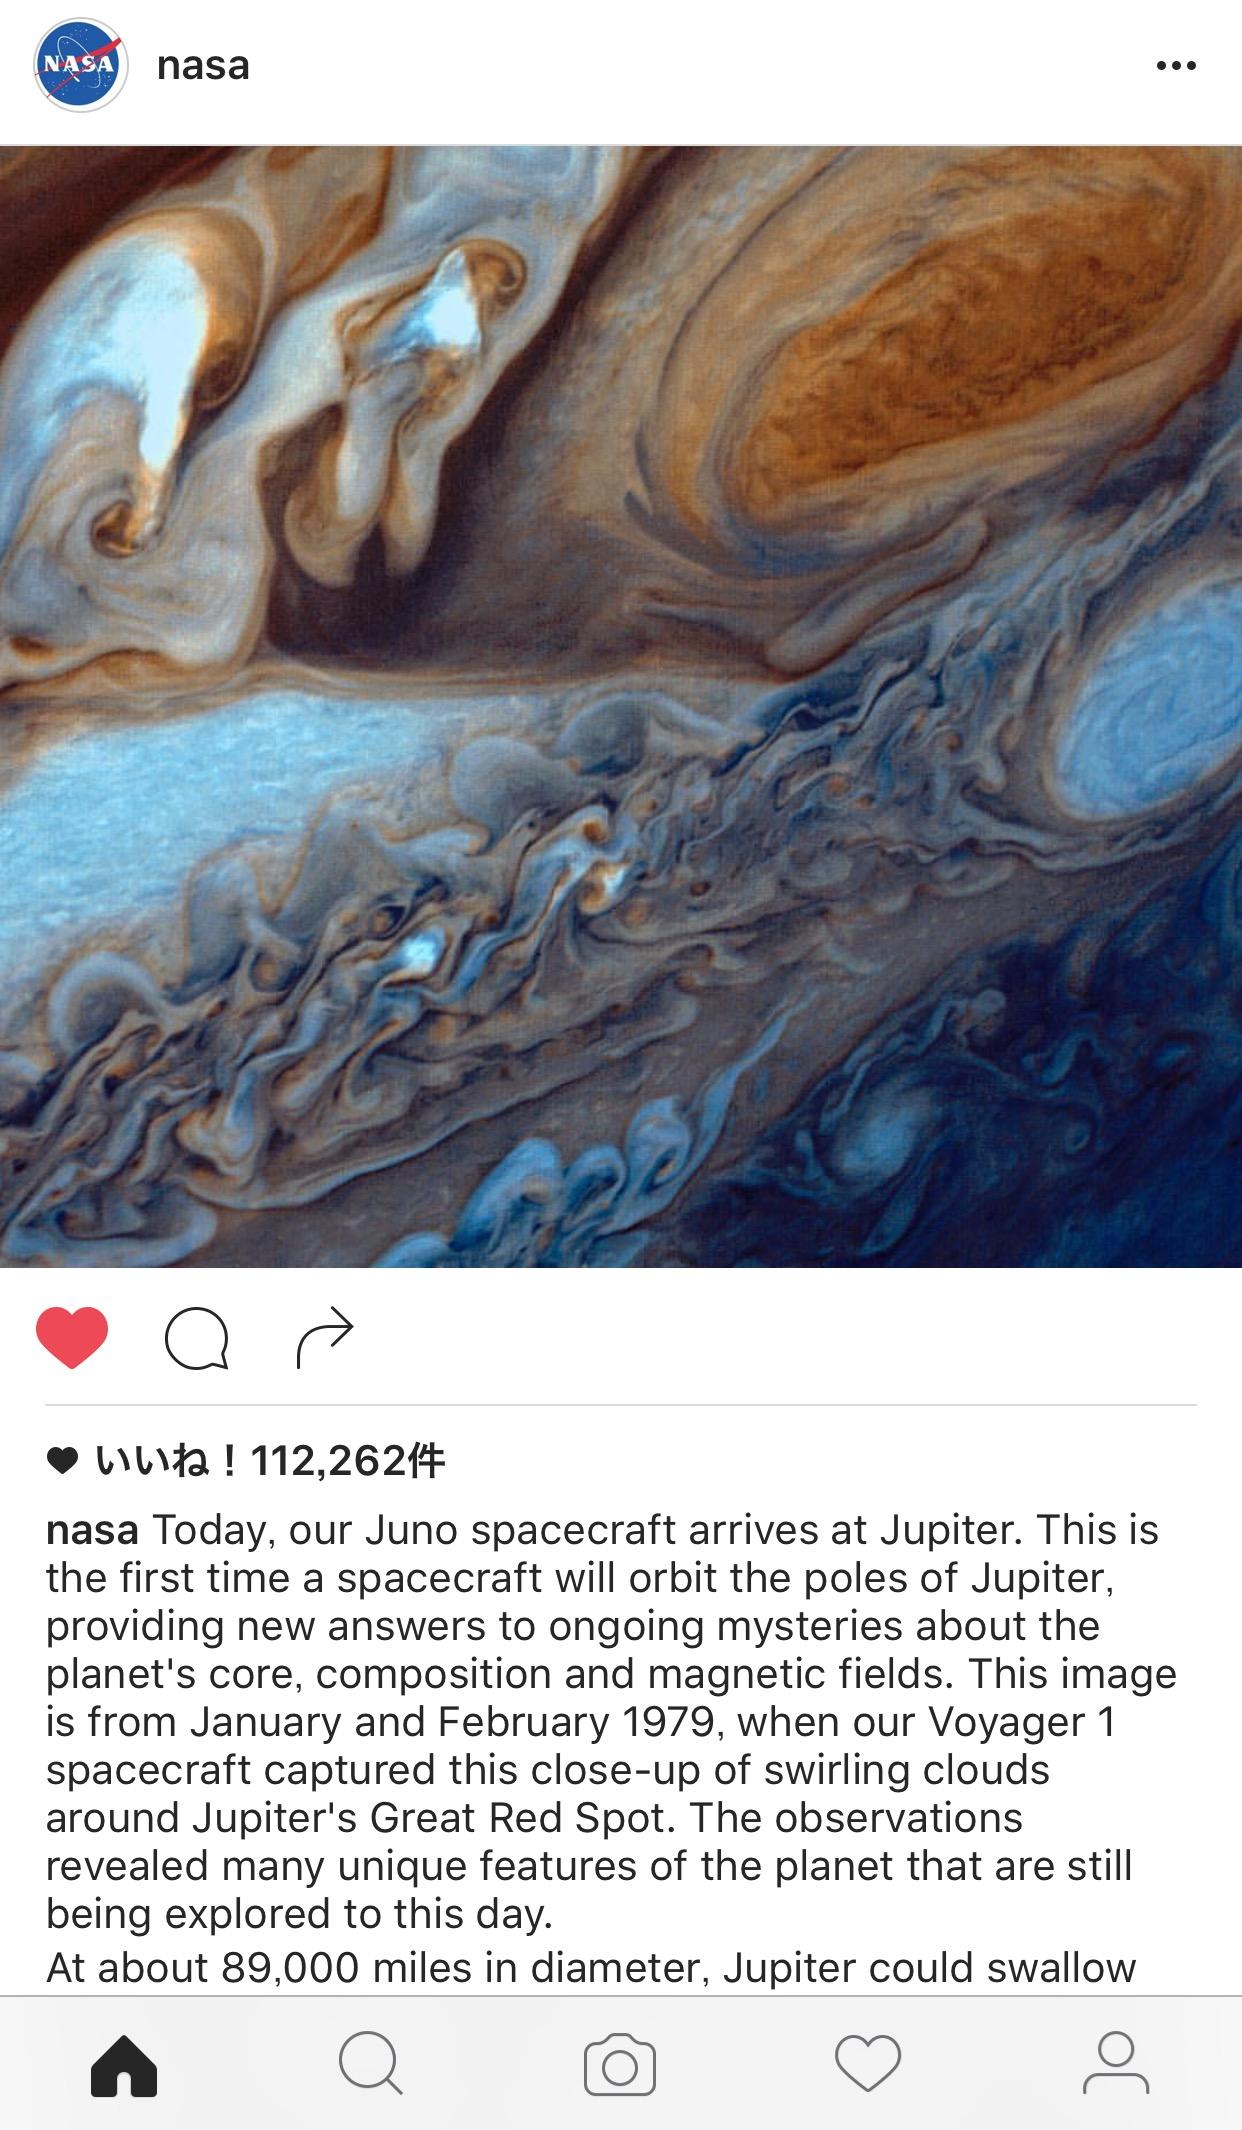 木星の接写なのかな。もはや神の目線すぎてずっとは凝視できない。